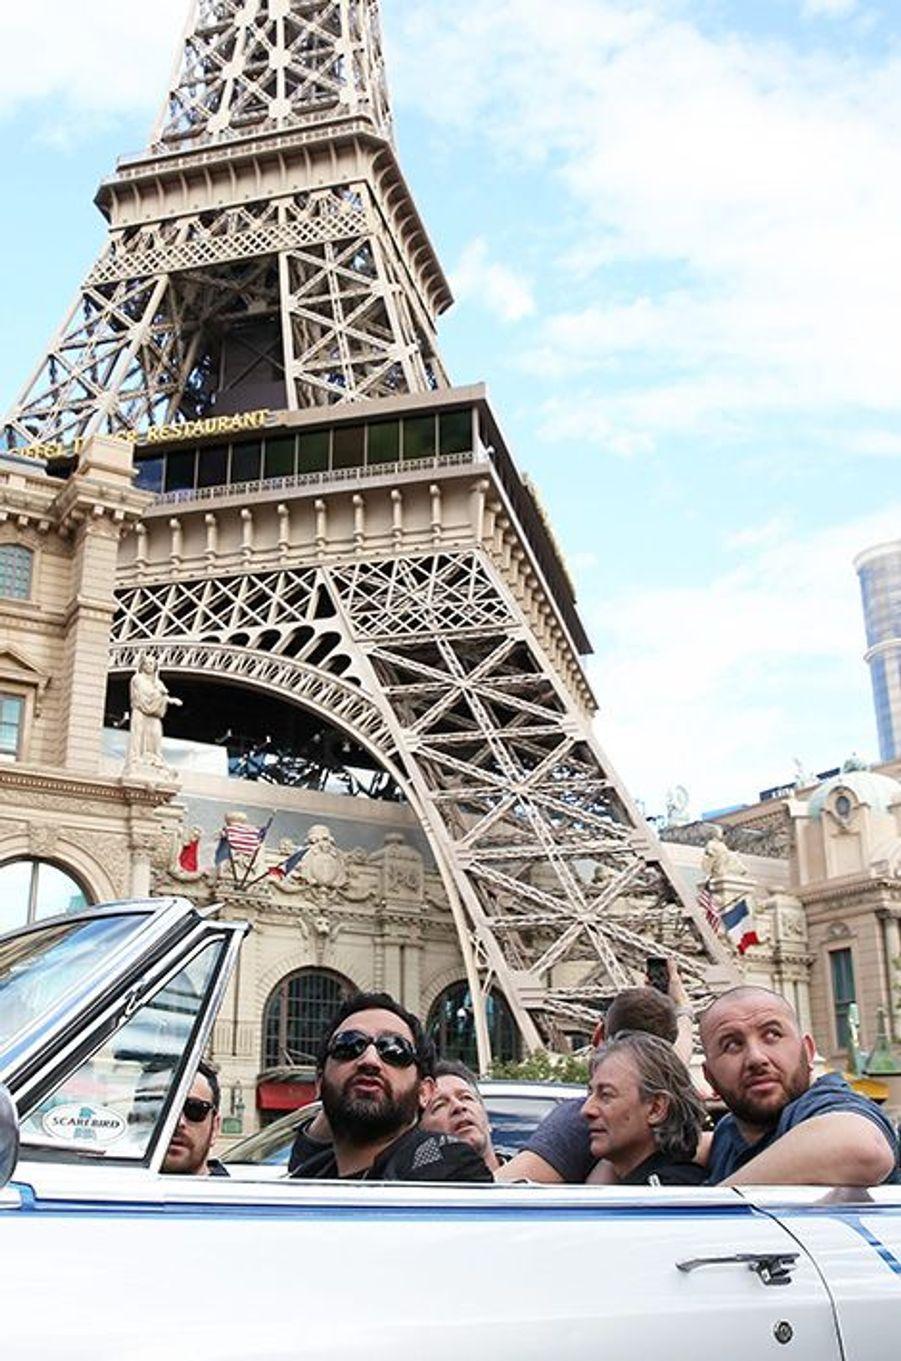 La bande arrive sur le Strip de Vegas, le 31 mars 2016